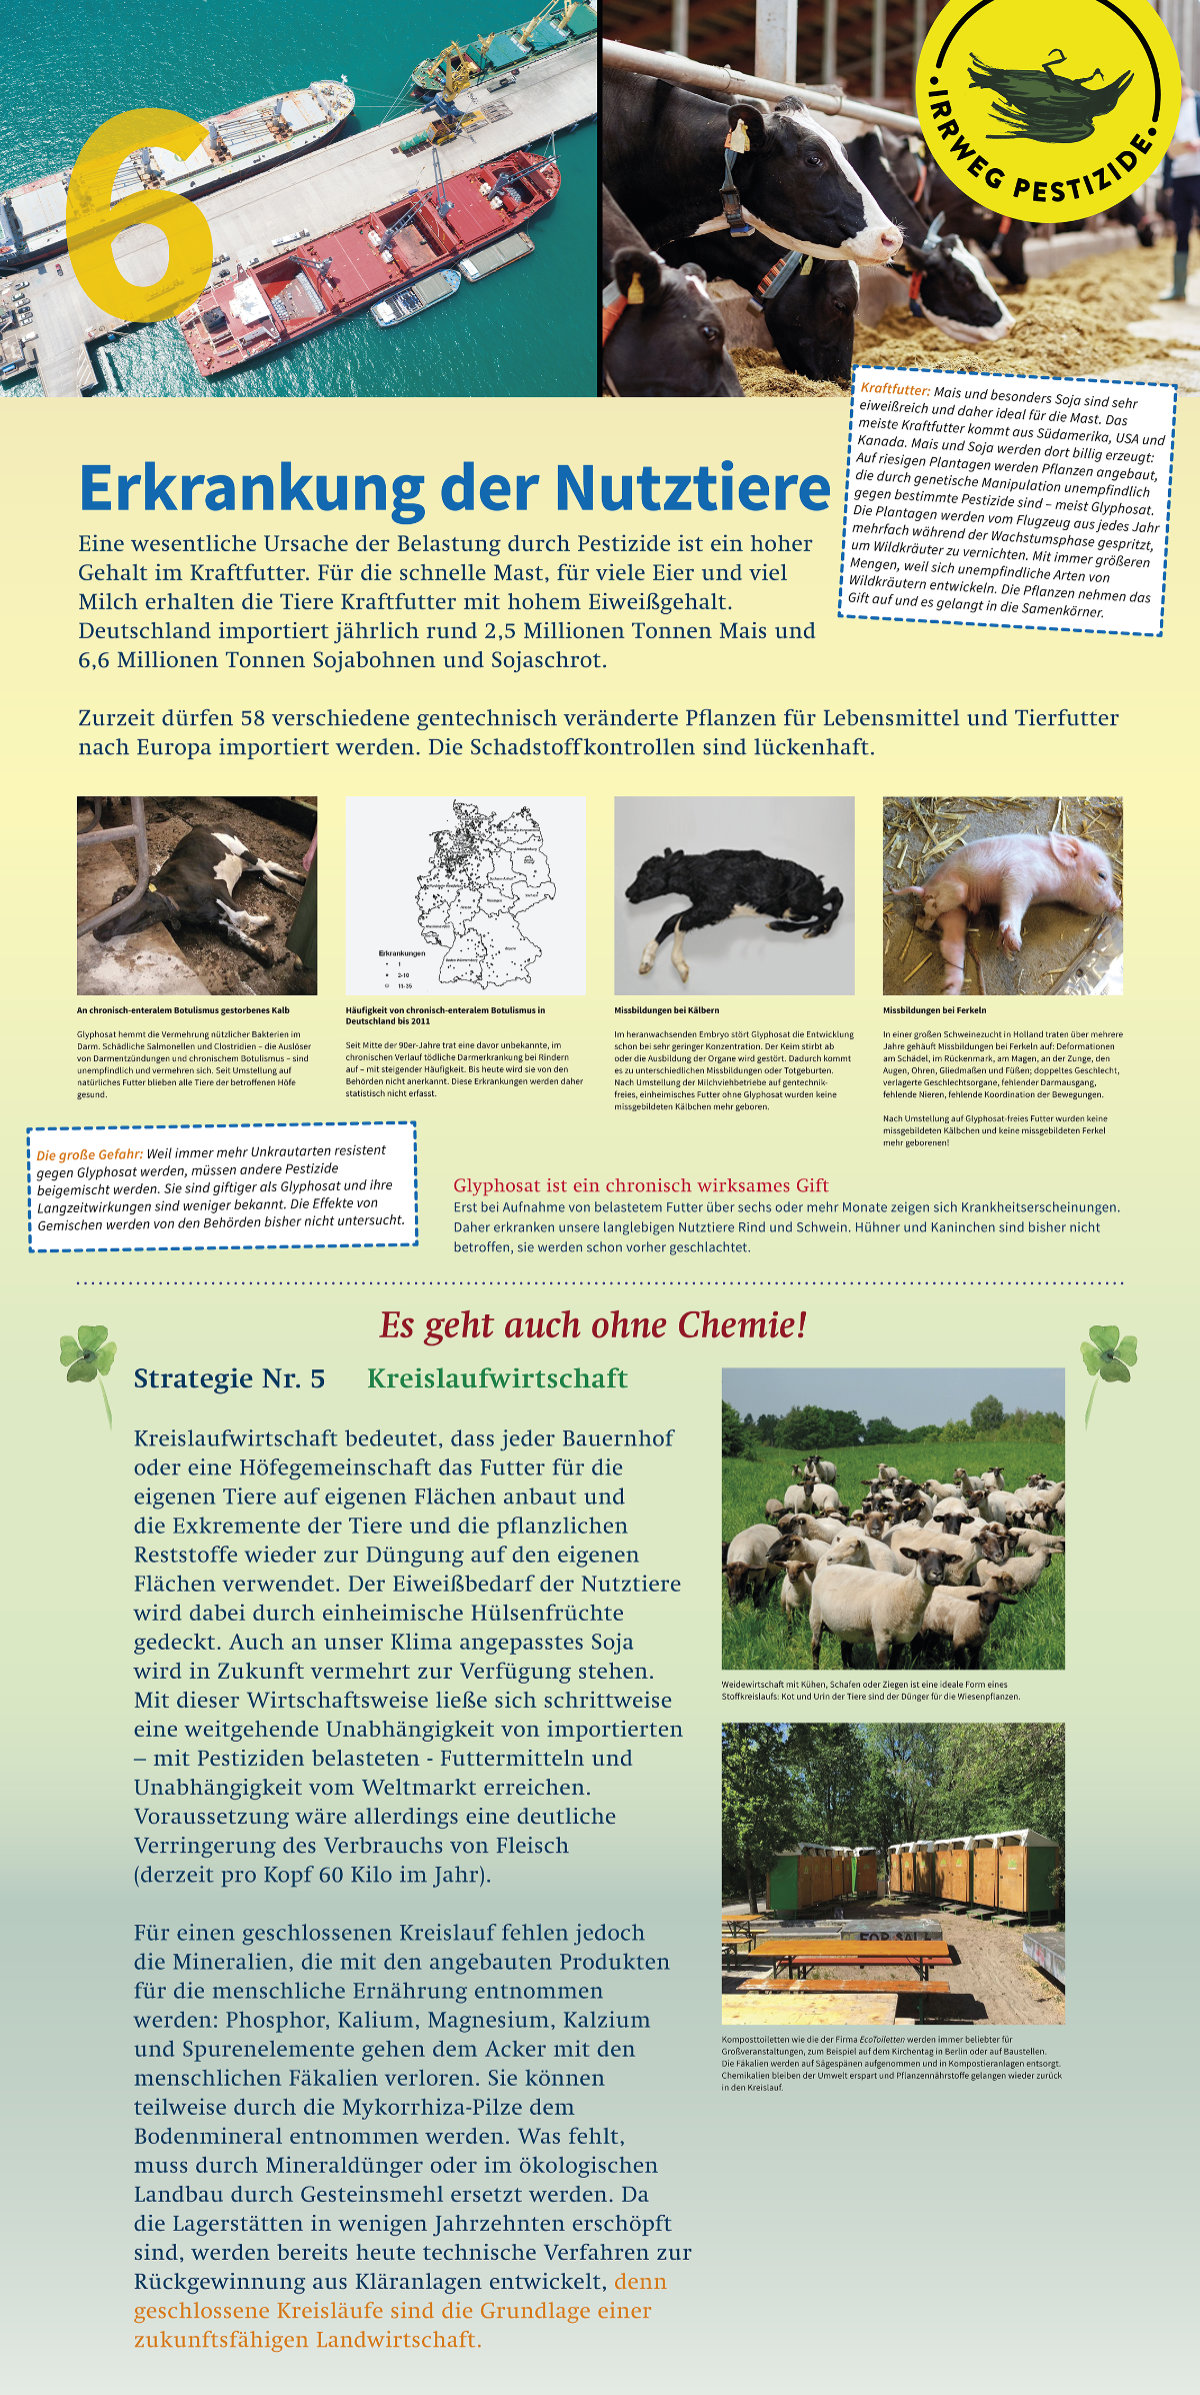 Irrweg Pestizide Erkrankung der Nutztiere